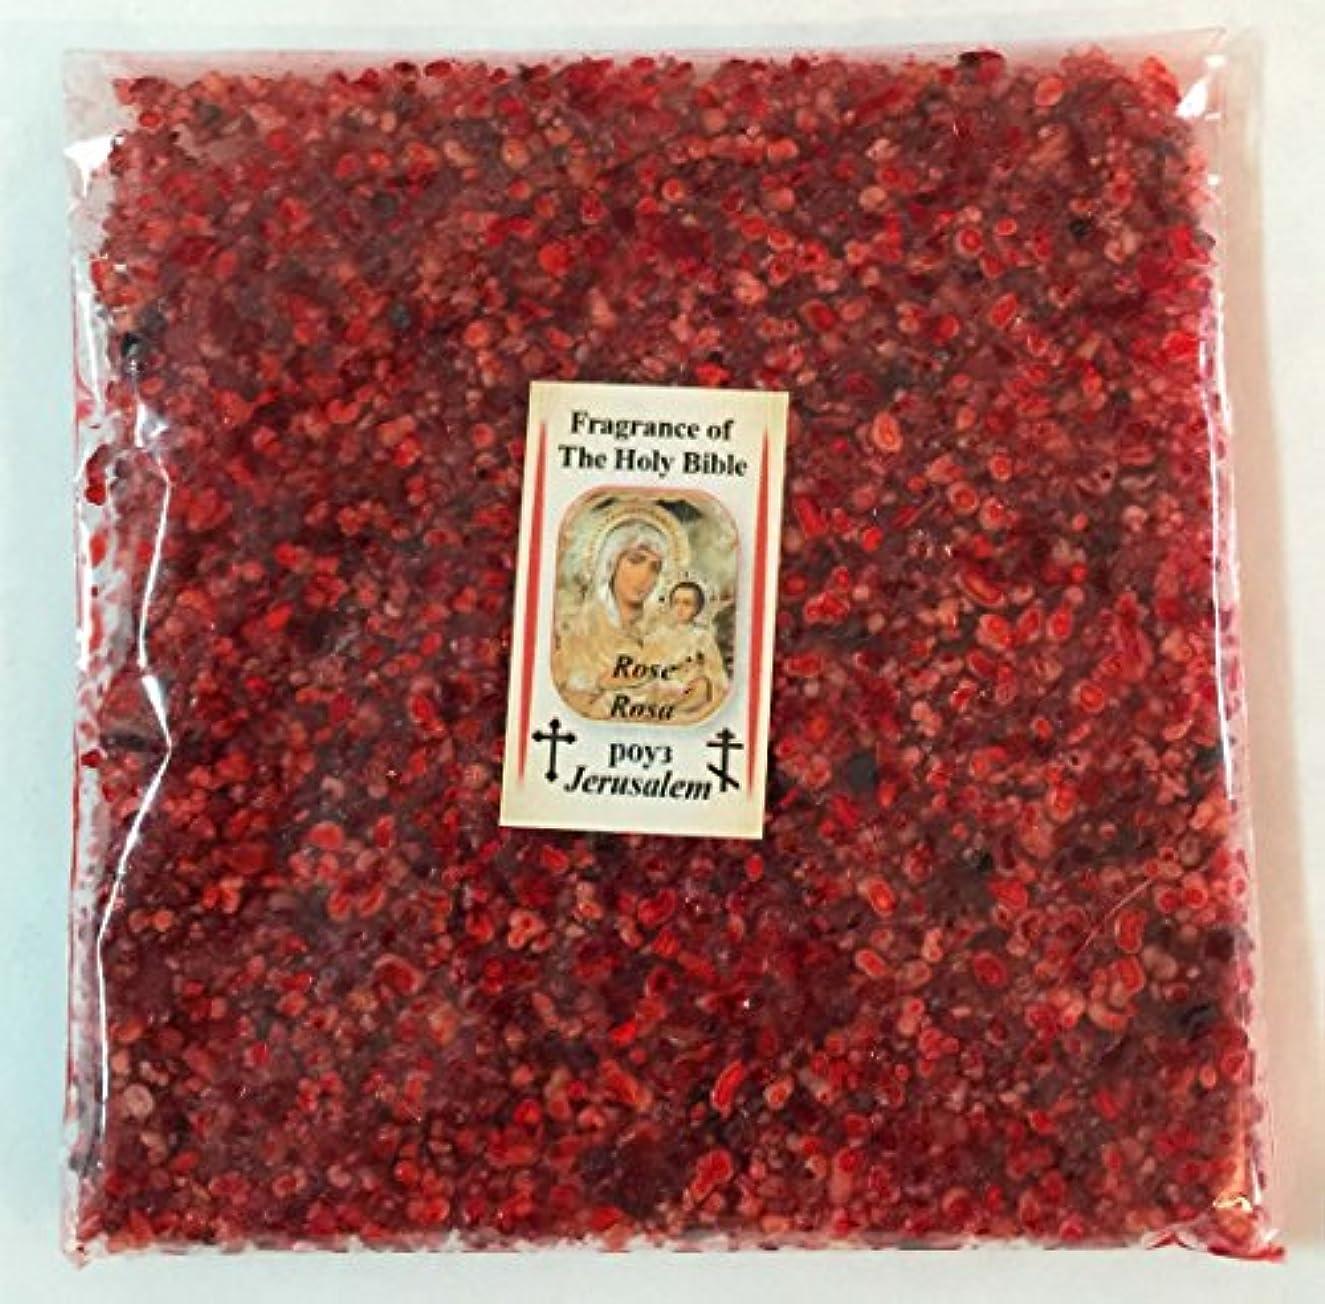 隠されたコミュニケーション道徳のHoly Land Natural Rose IncenseエルサレムFragrance 3.5 Oz 100 gr